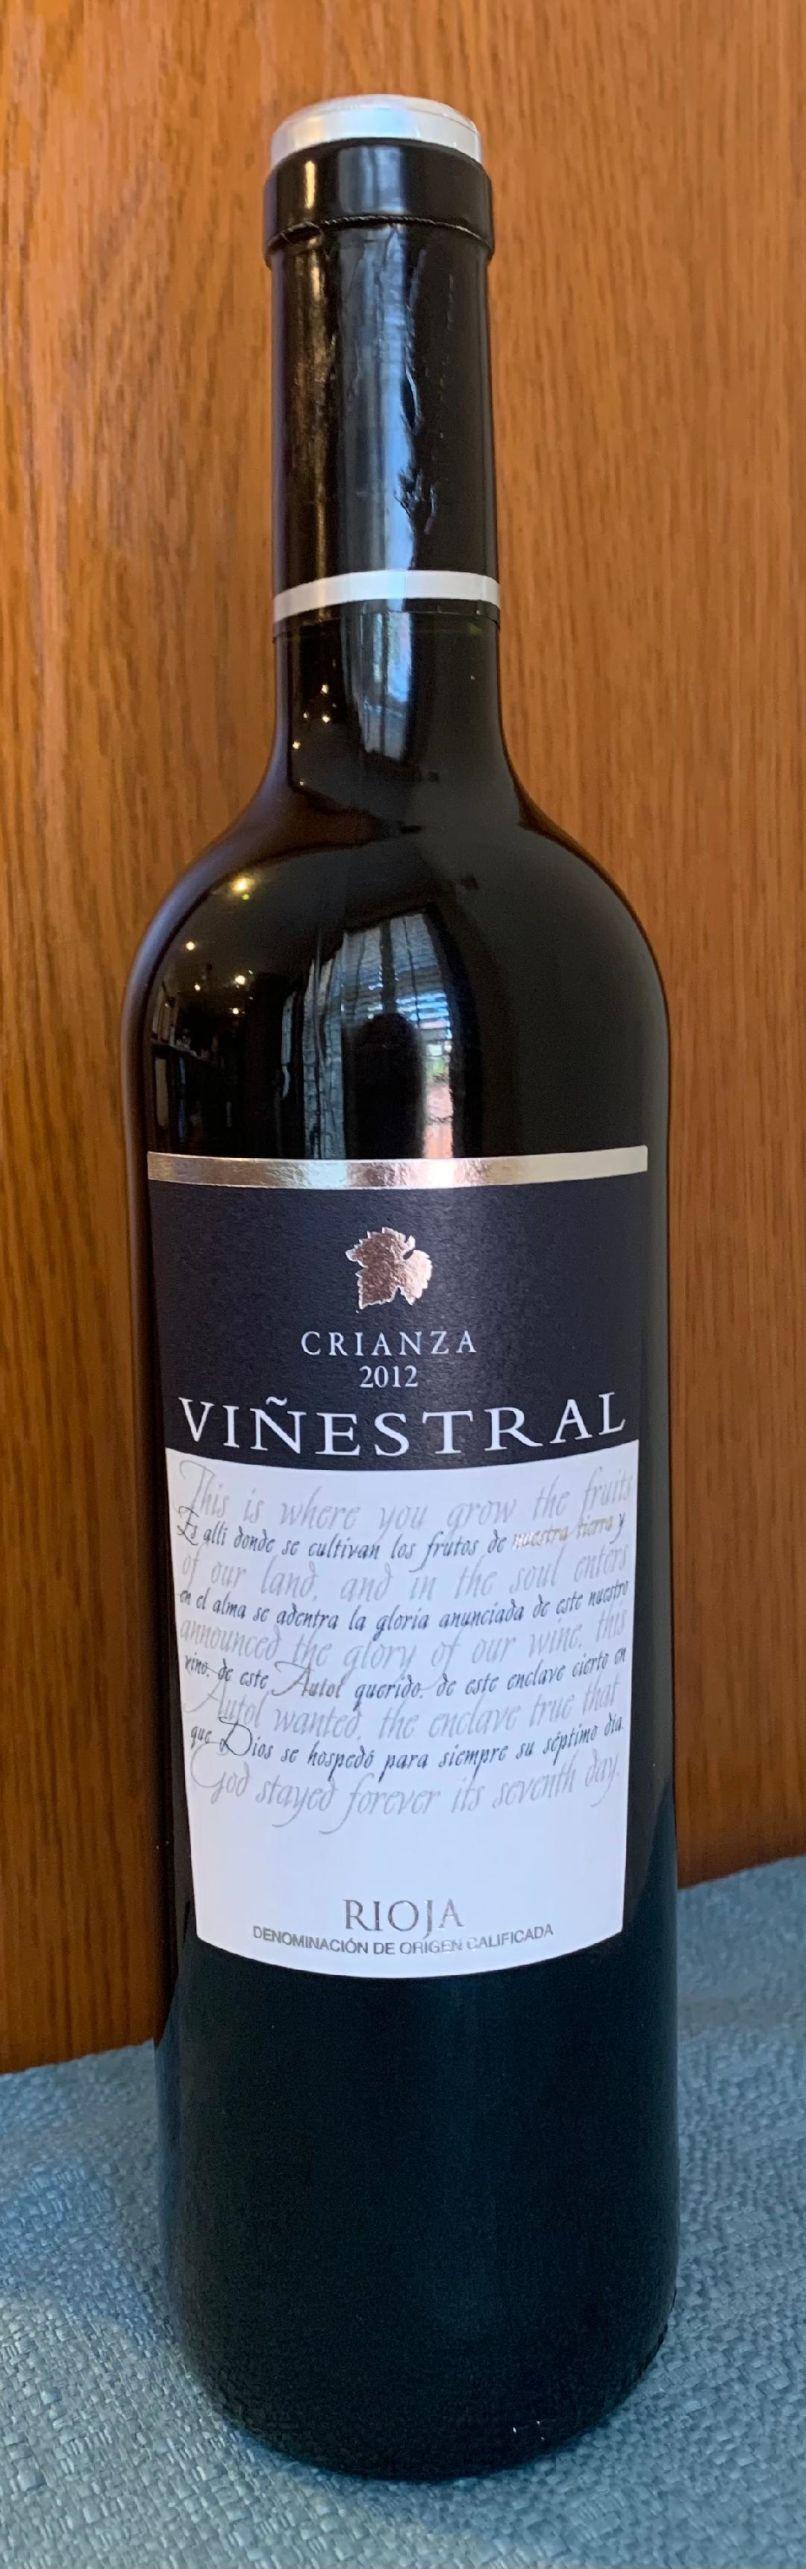 Viñestral 2012, Rioja Crianza, Spain